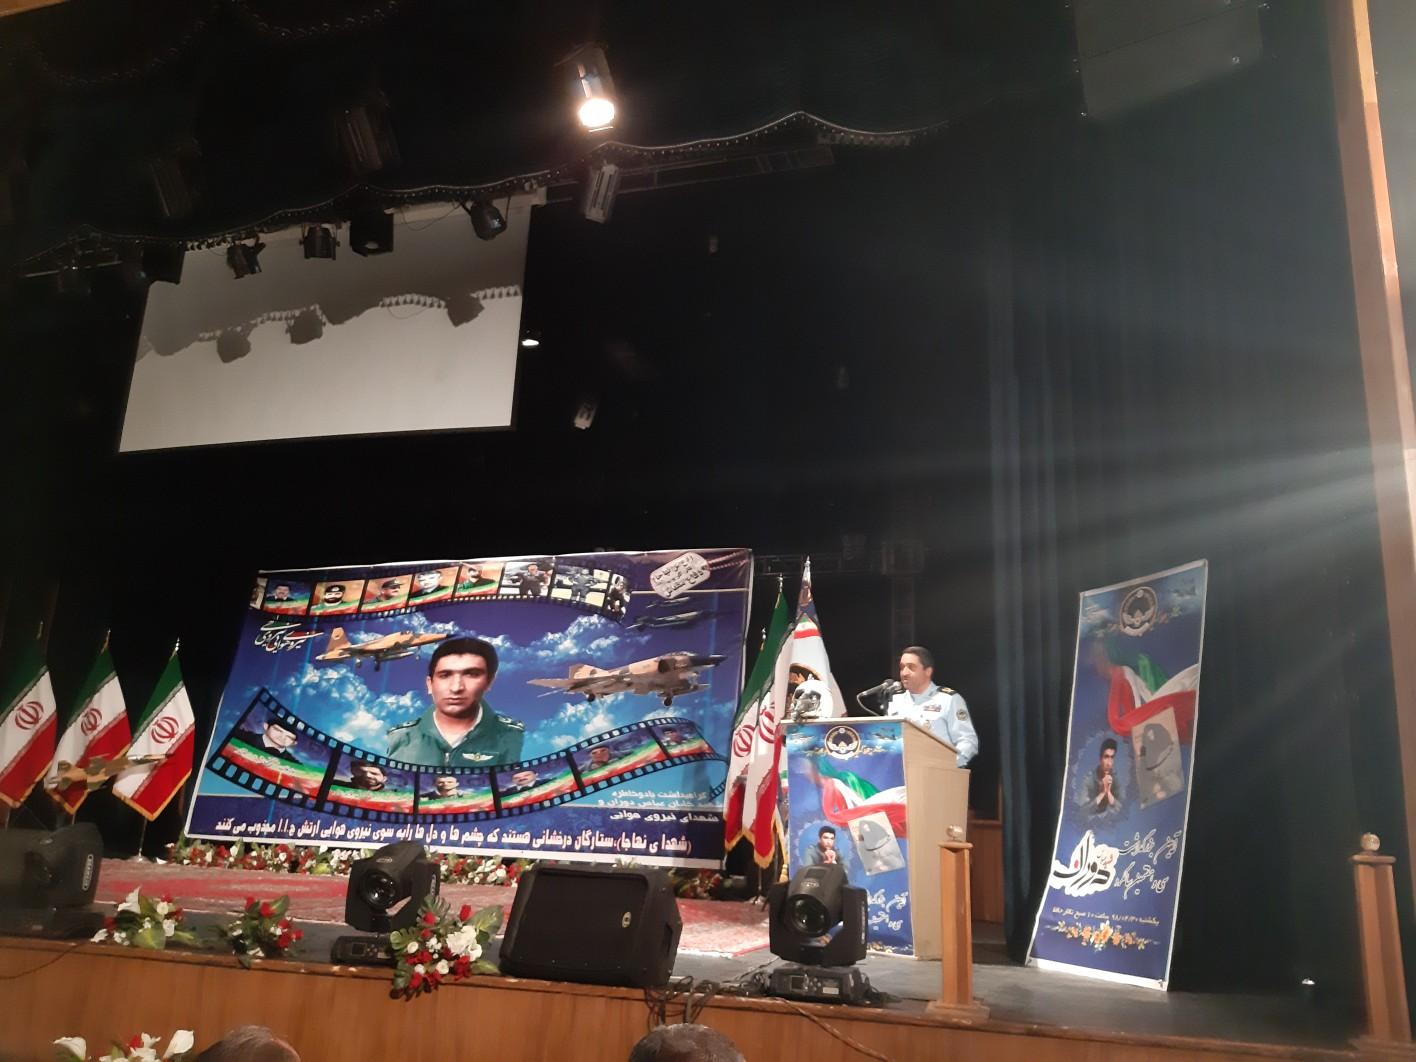 برگزاری بزرگداشت سی و هفتمین سالگرد شهید خلبان عباس دوران